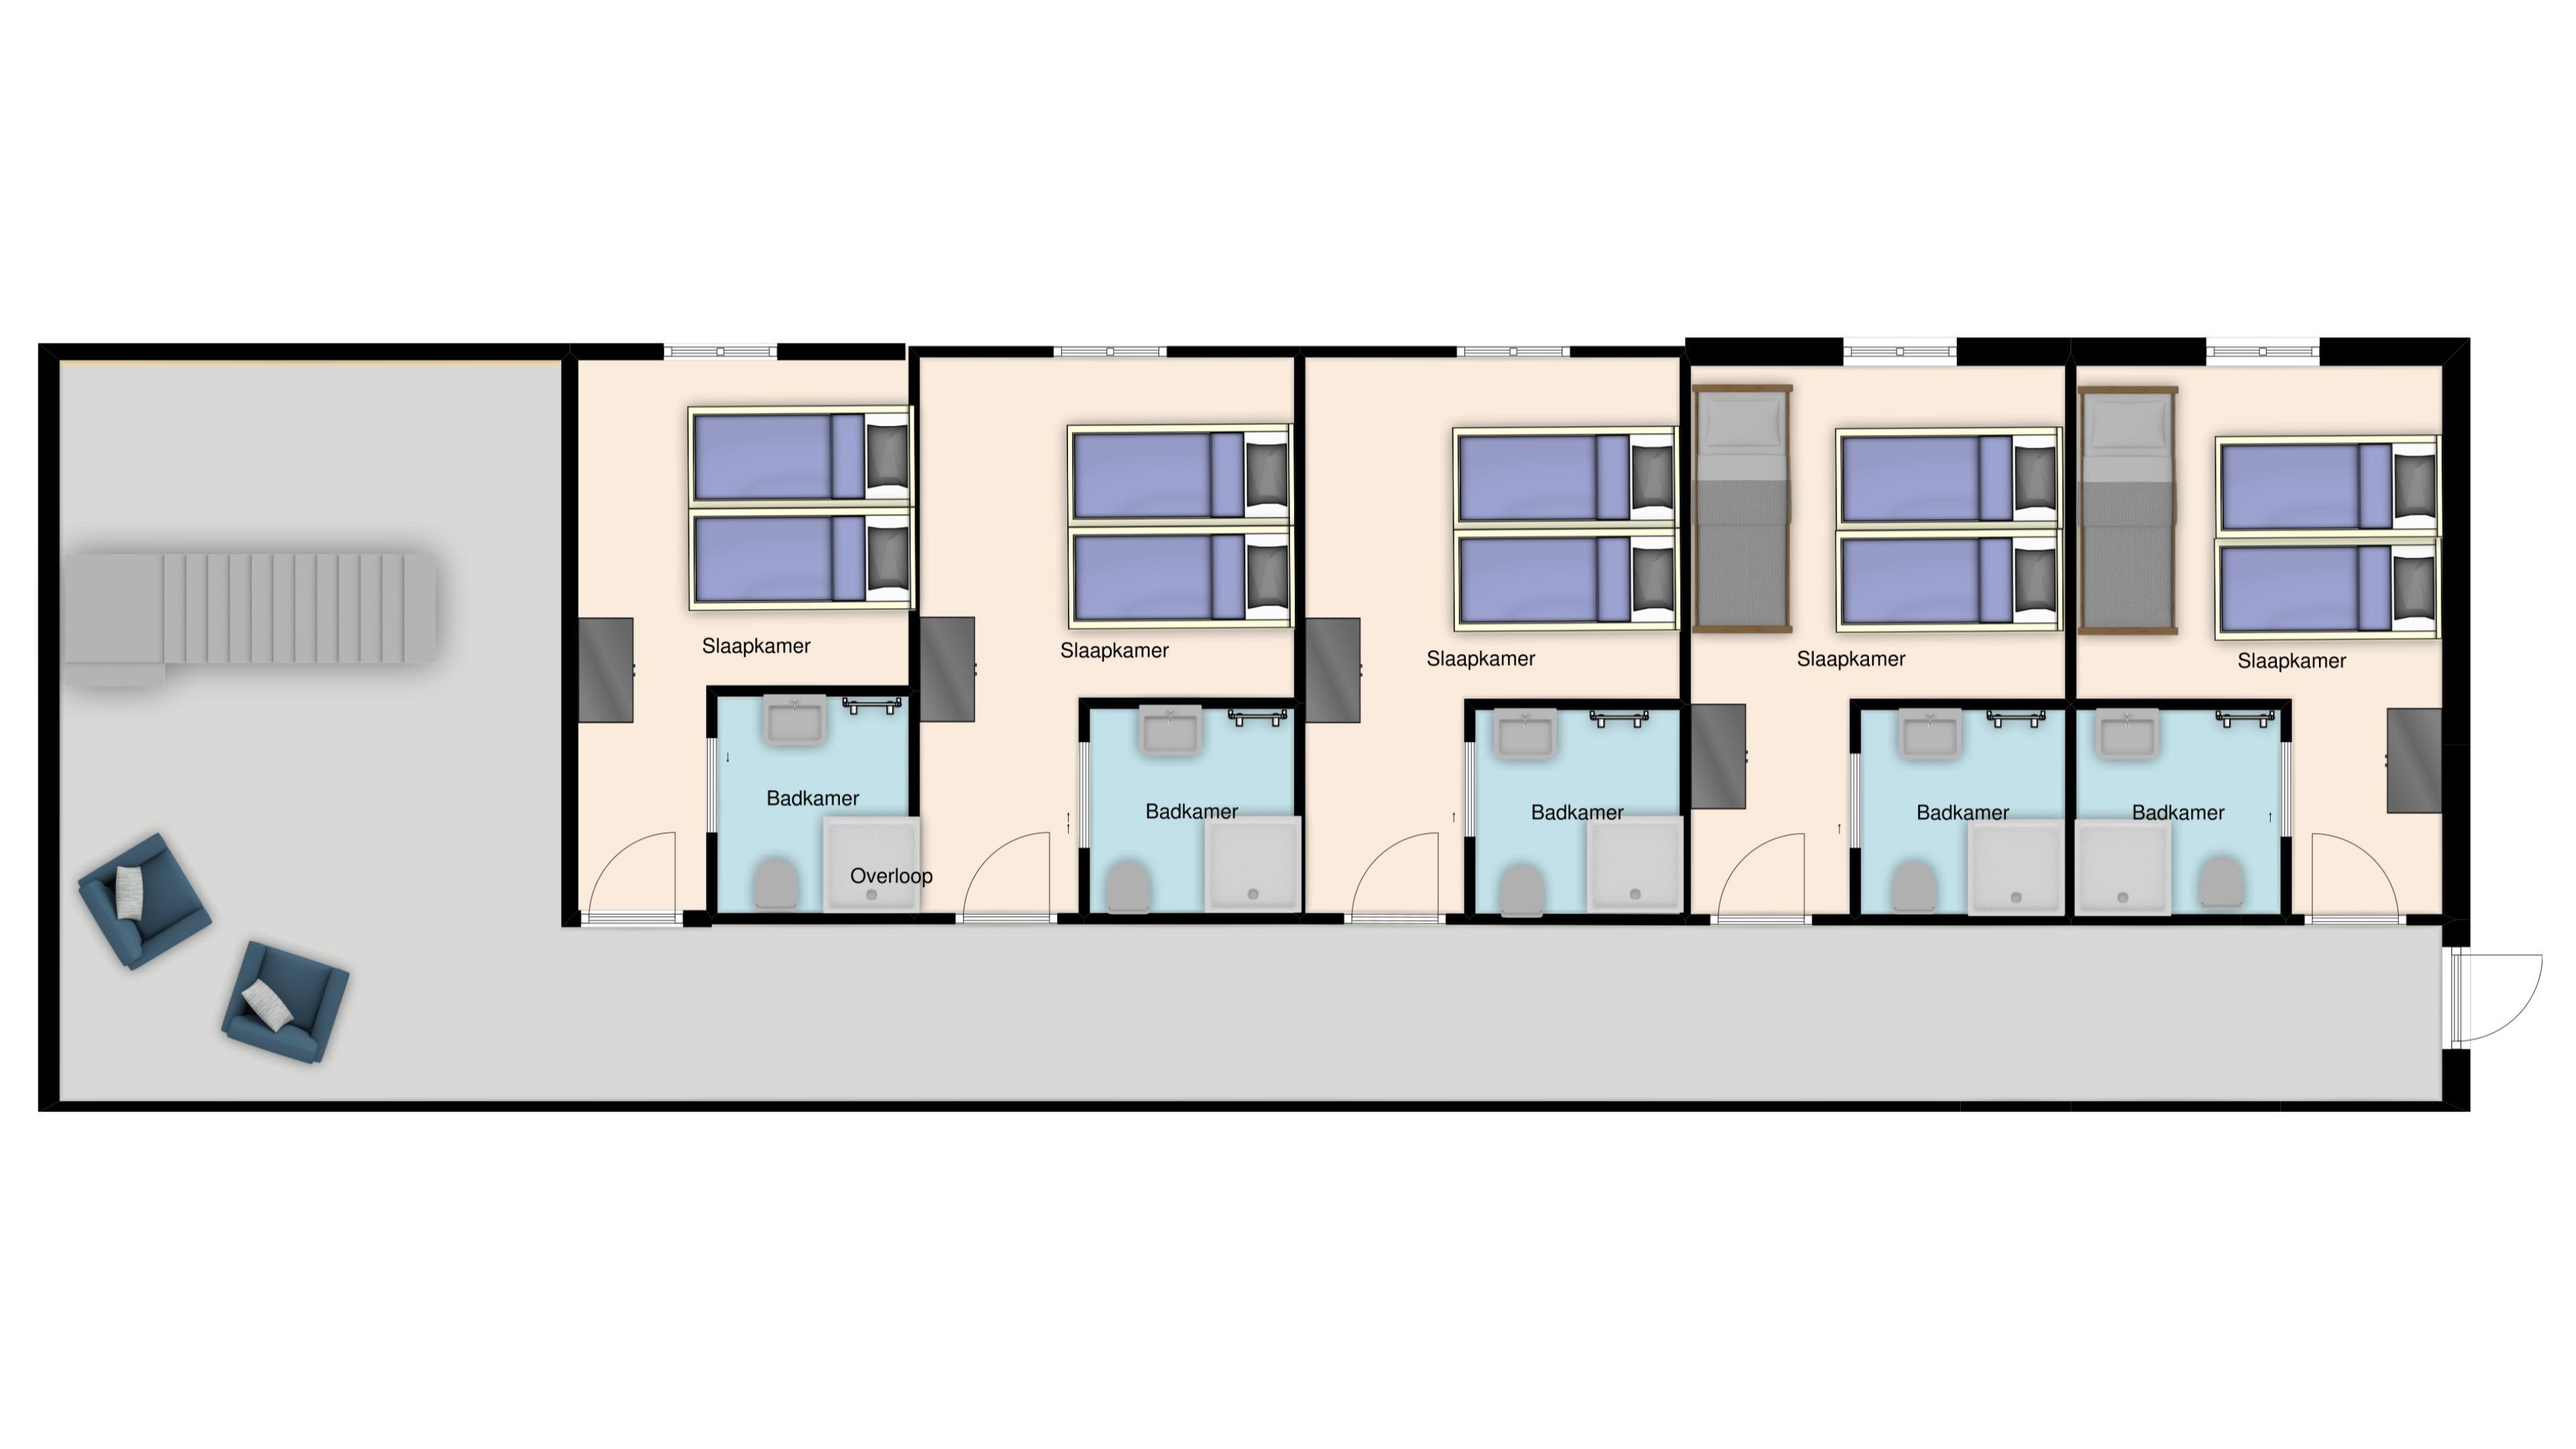 Plattegrond: Vanaf 1 mei 2020: eerste verdieping